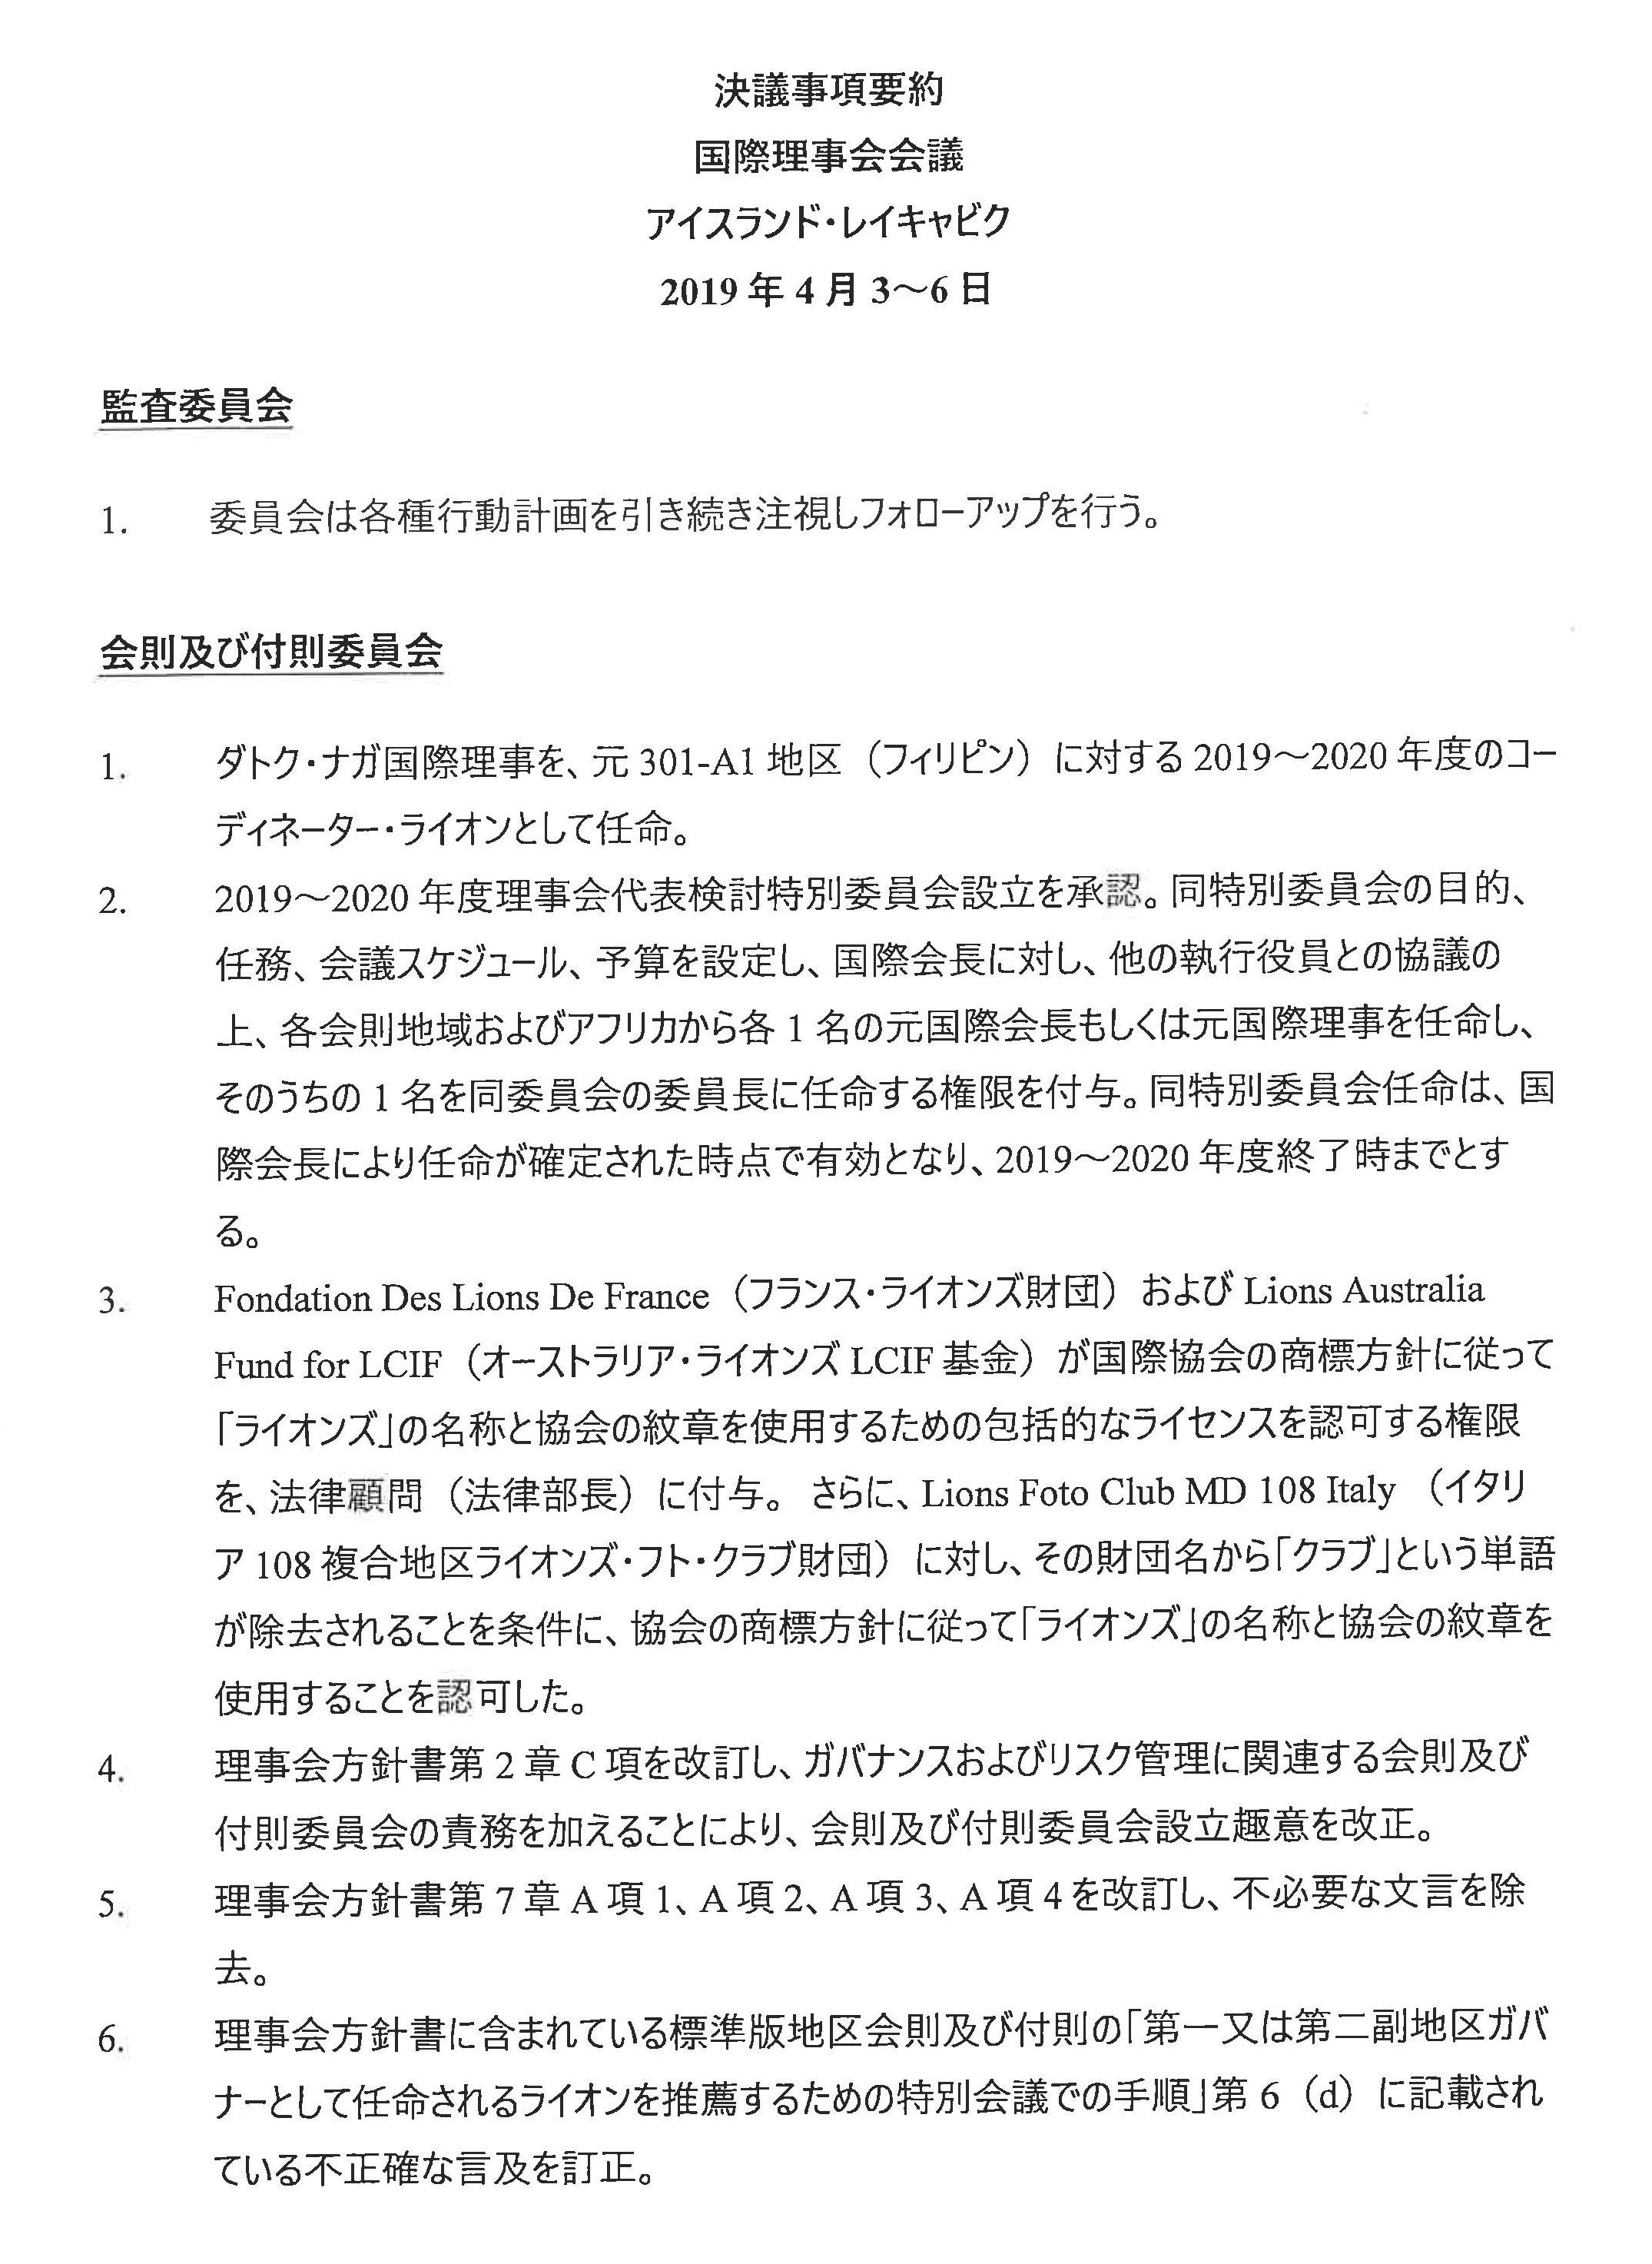 05準備ゾーン 決議事項要約 国際理事会議1